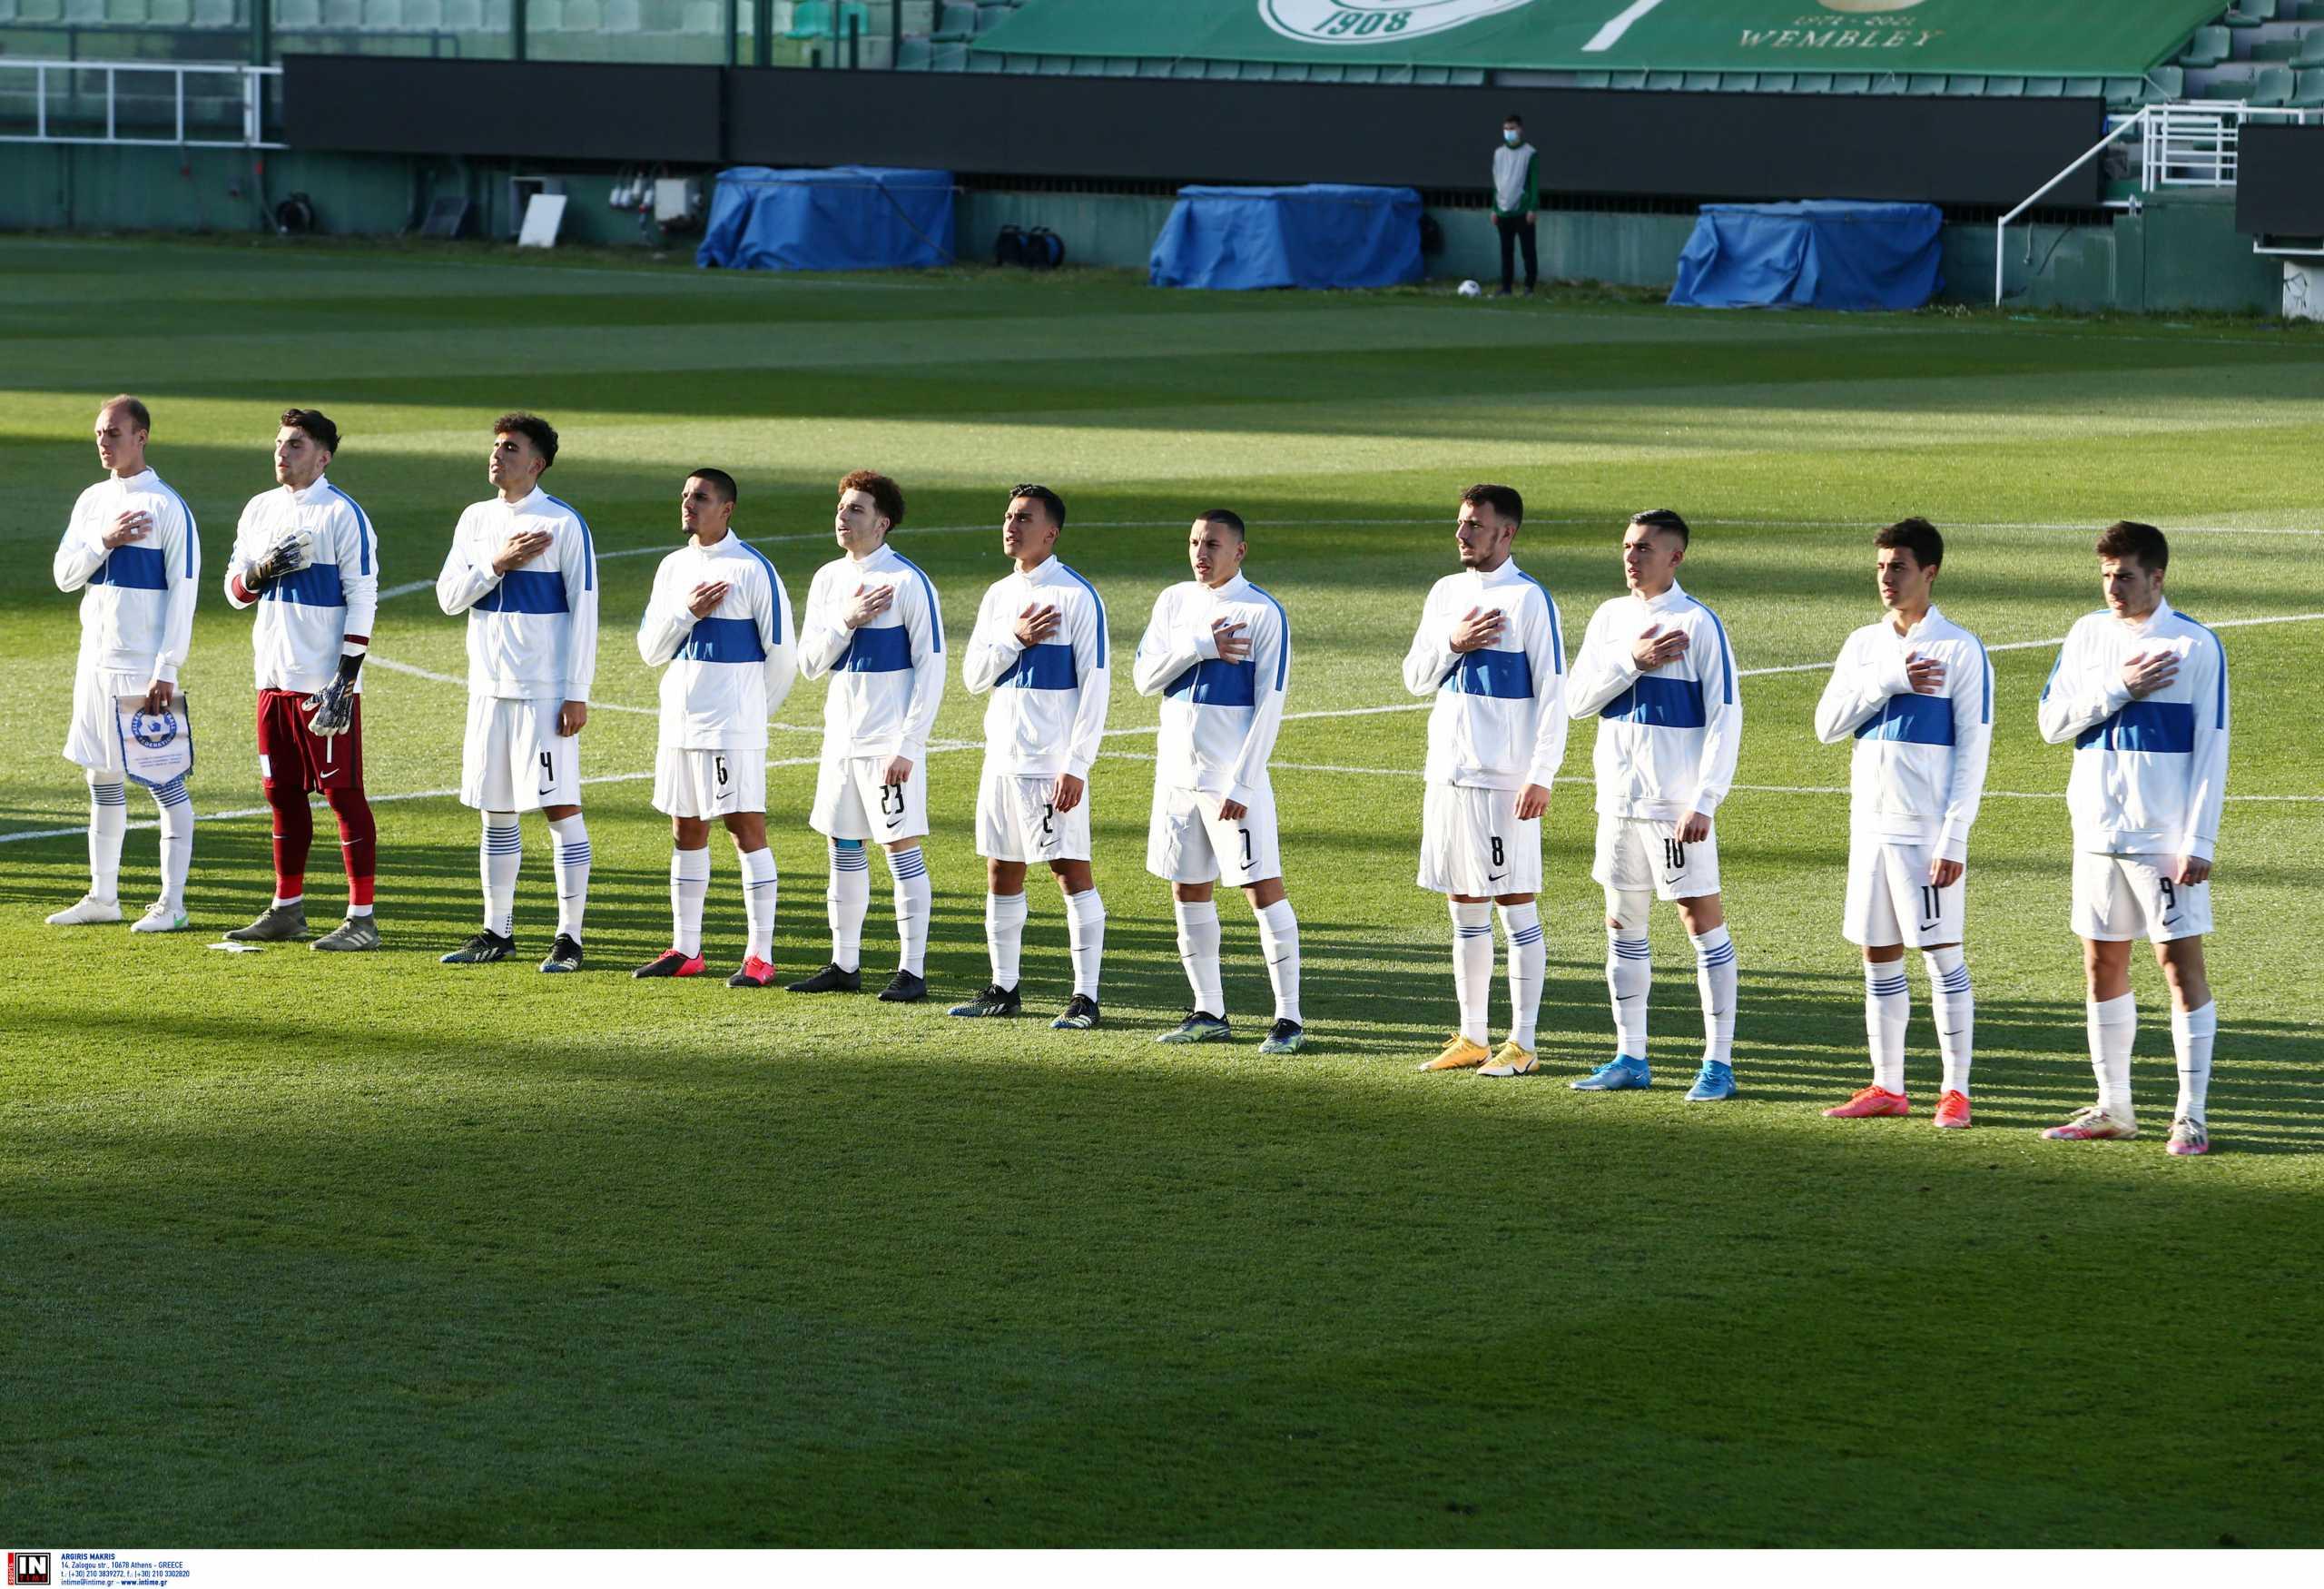 Εθνική Ελπίδων: «Σωρεία θετικών κρουσμάτων κορονοϊού, προς αναβολή το ματς με Κύπρο»